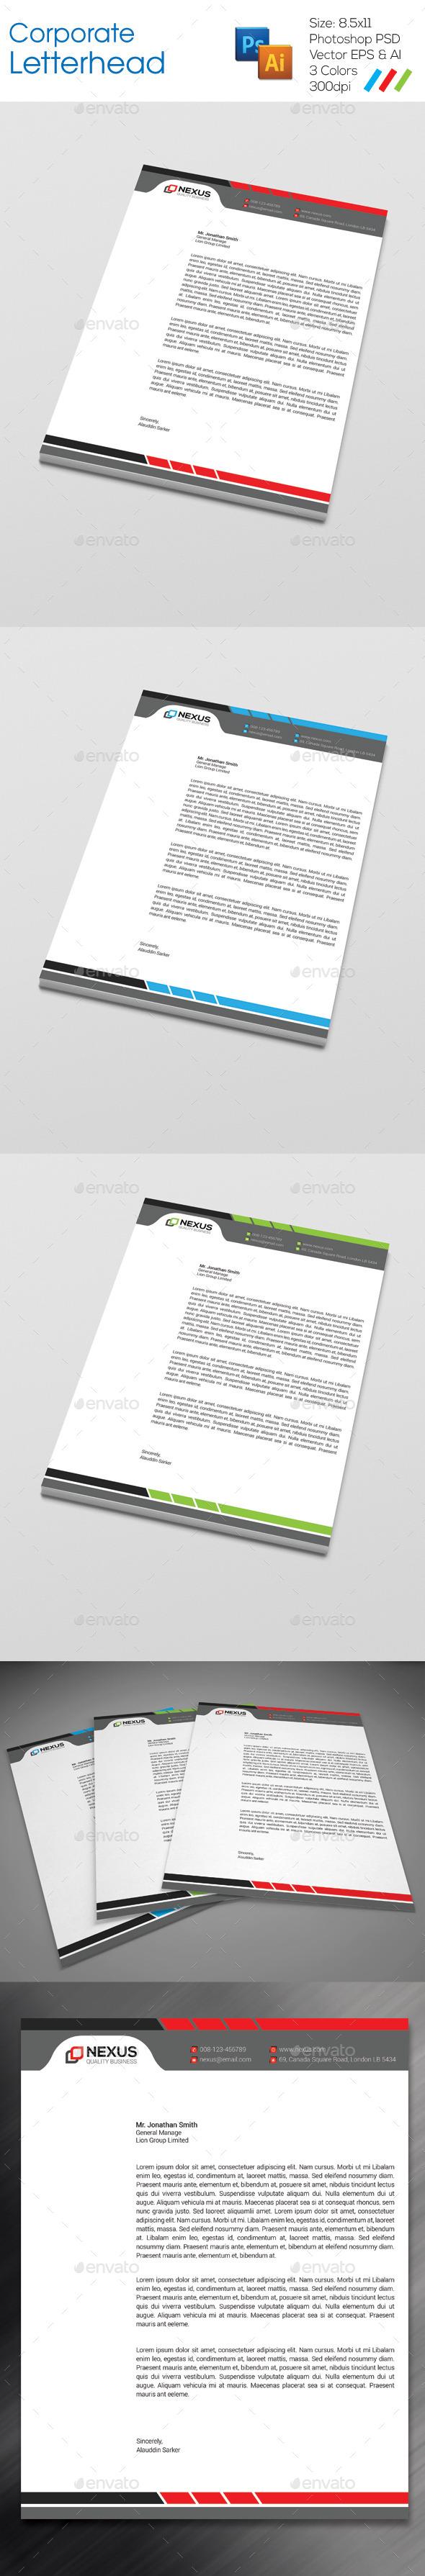 GraphicRiver Corporate Letterhead 8975873